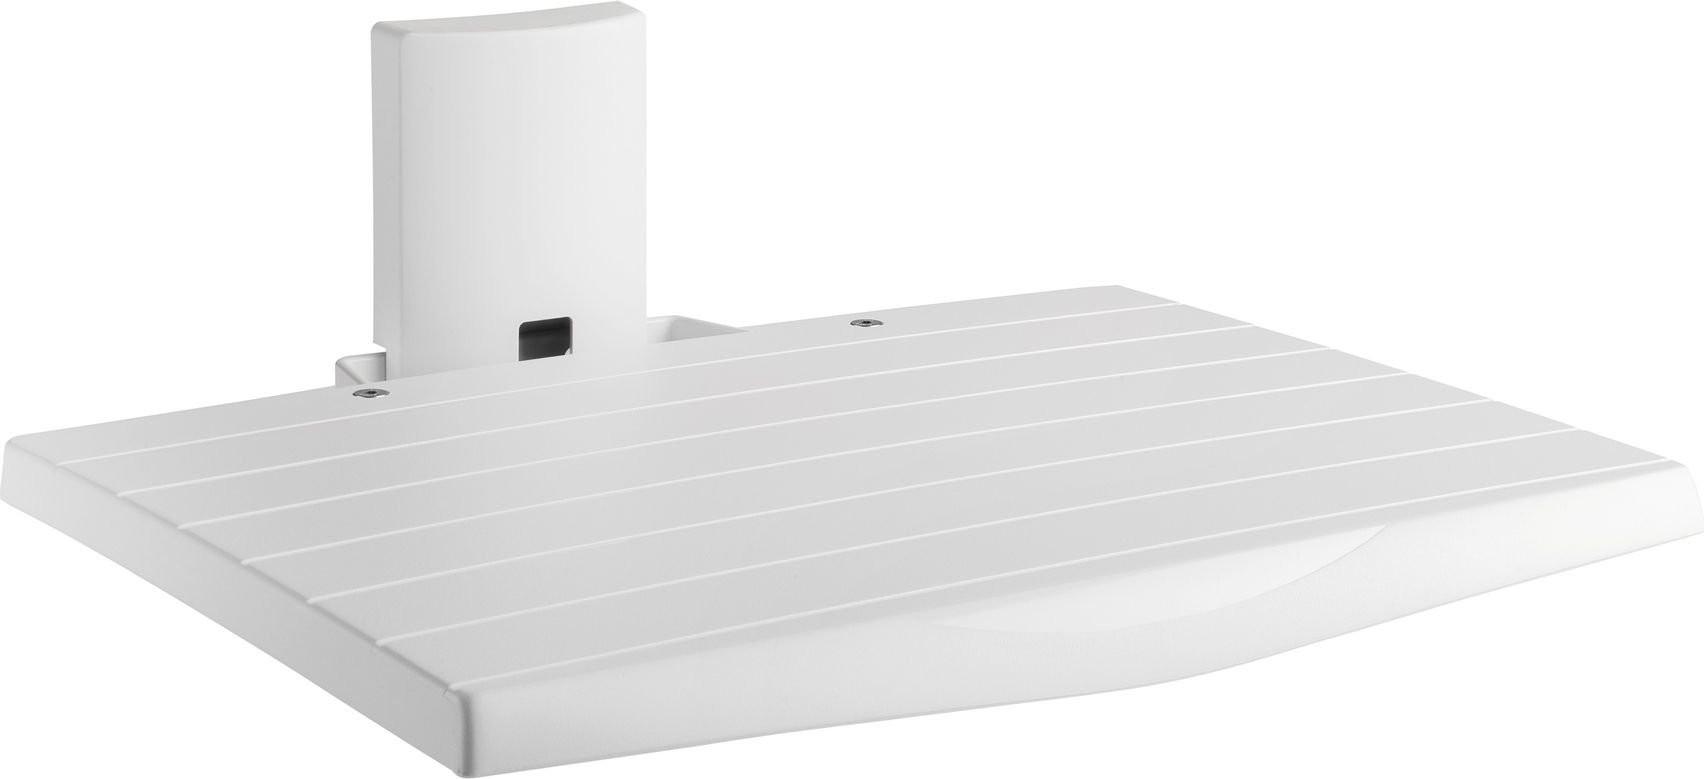 Meliconi Półka Slimstyle AV biała (480516)